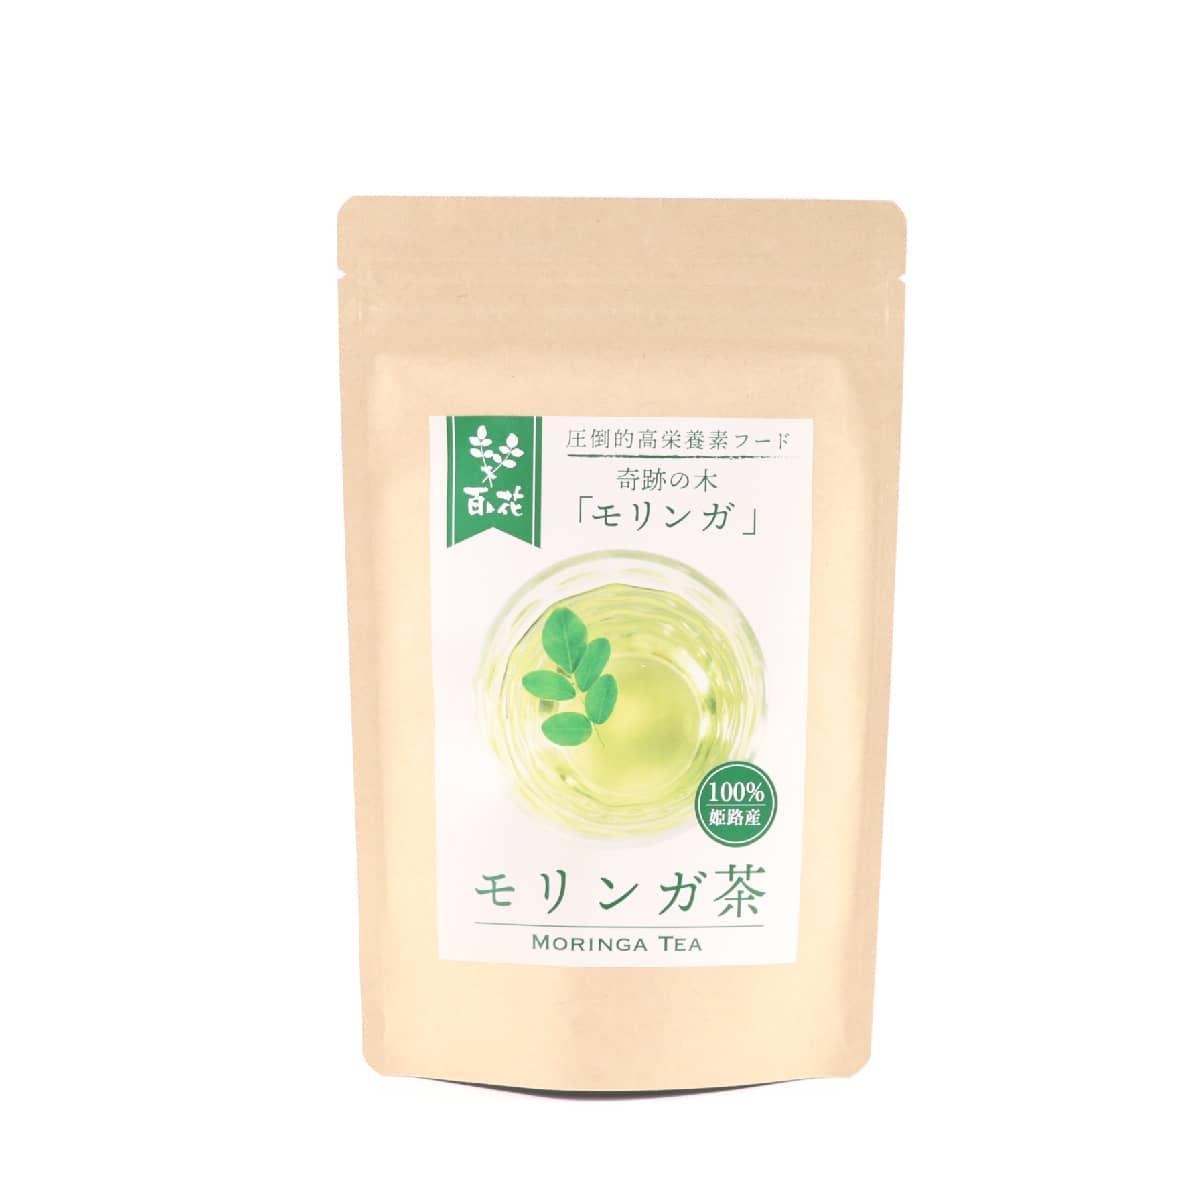 モリンガ茶(2g×20包入り)